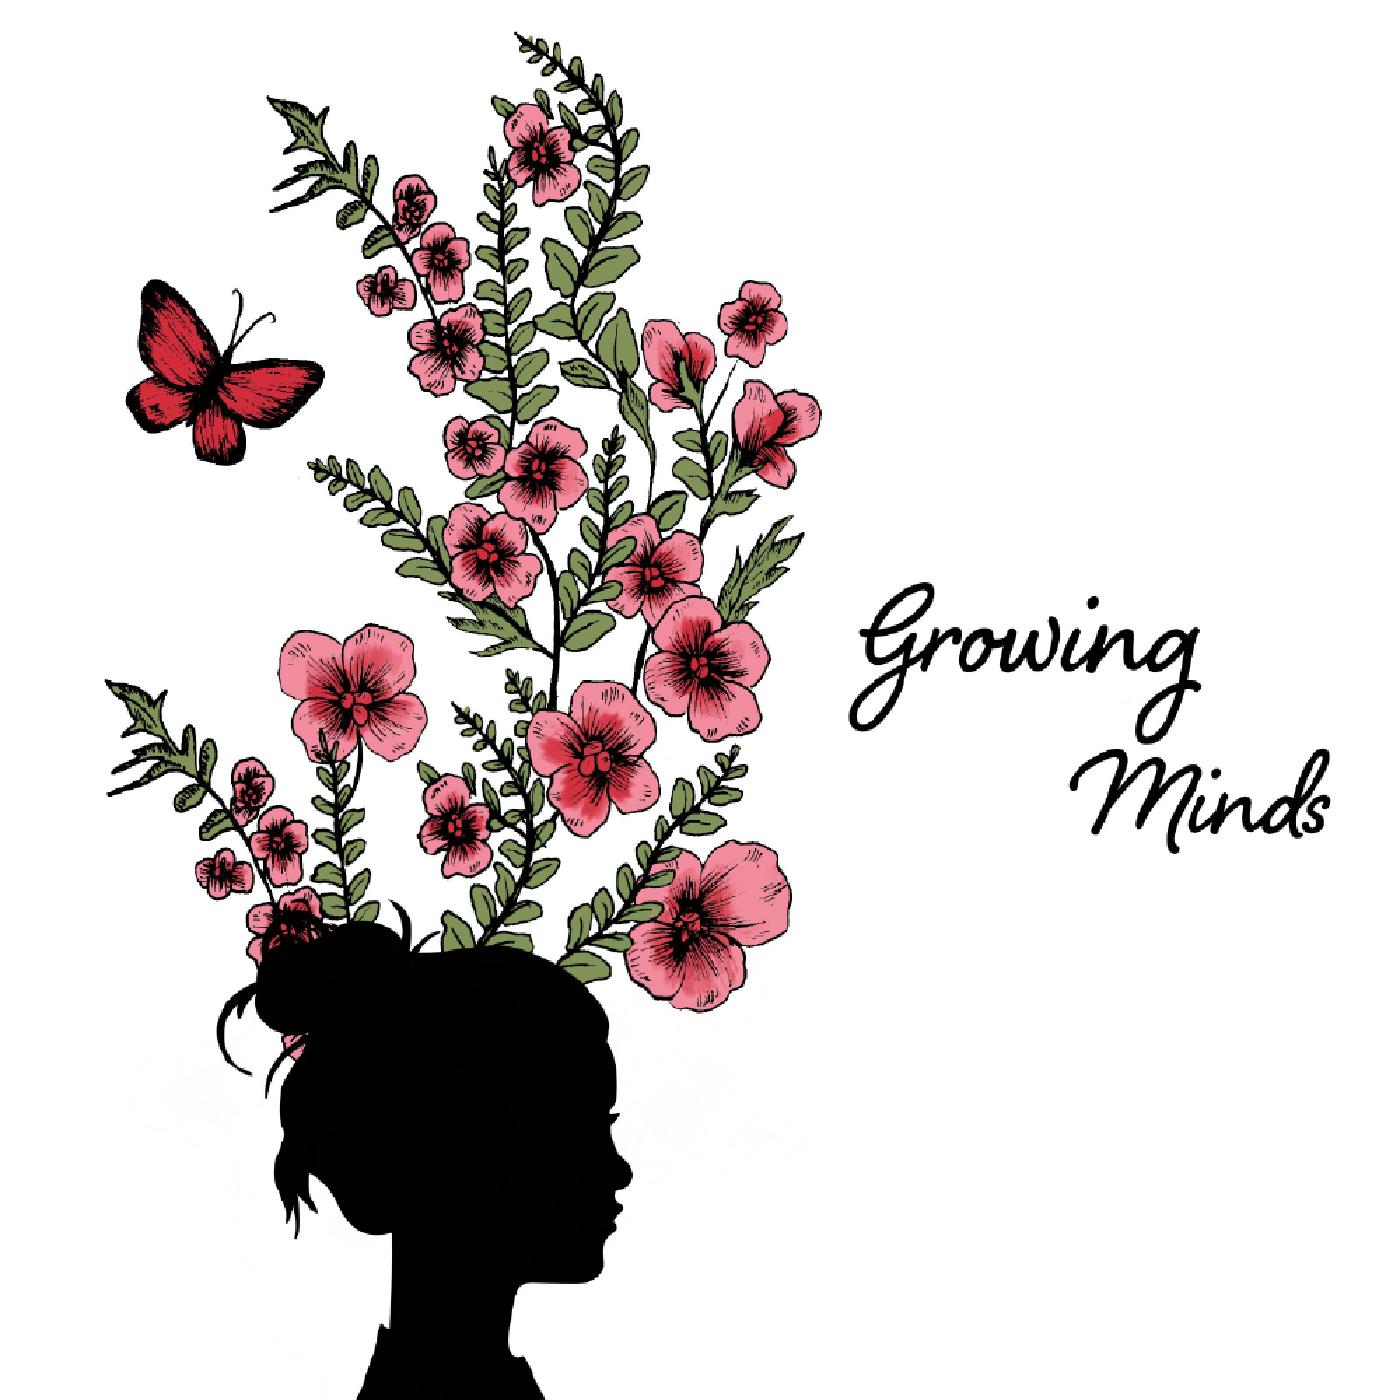 Growing Minds show art